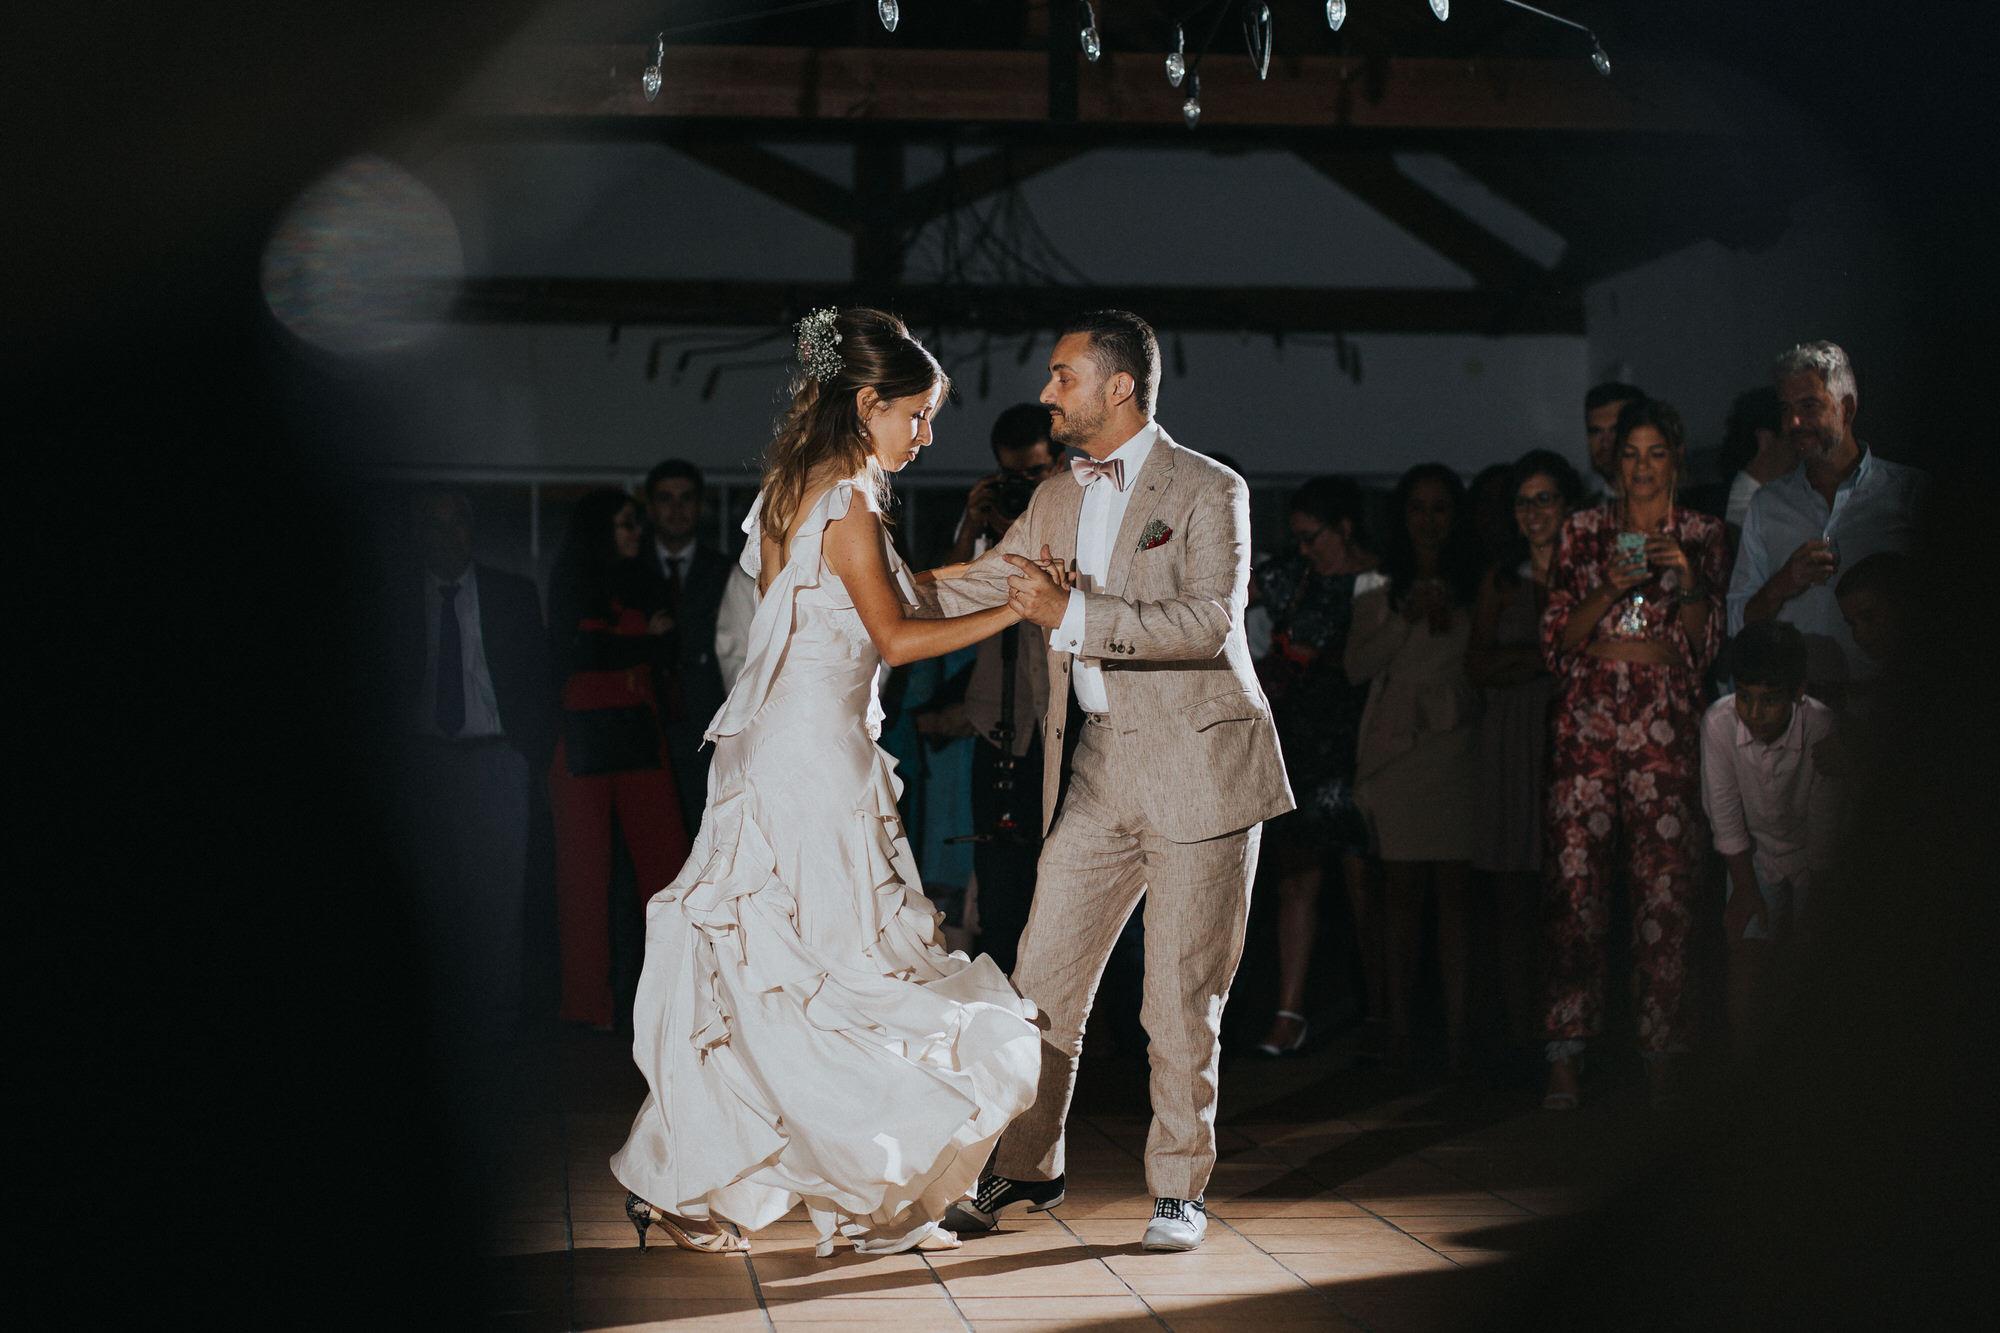 Filipe Santiago Fotografia-fotografo-malveira-lisboa-cascais-mafra-melhores-reportagem-wedding-photography-portugal-lisbon-best-natural-casamentos-lifestyle-bride-ideias-rustic-boho-hair-mackup-damas-preparativos-preparations-bridemaids-dress-shoes-bouquet-trends-church-cerimony-saida-igreja-dicas-session-welcome-best-venue-quinta-monte-redondo-melhores quintas-decor-decoração-night-lights-dance